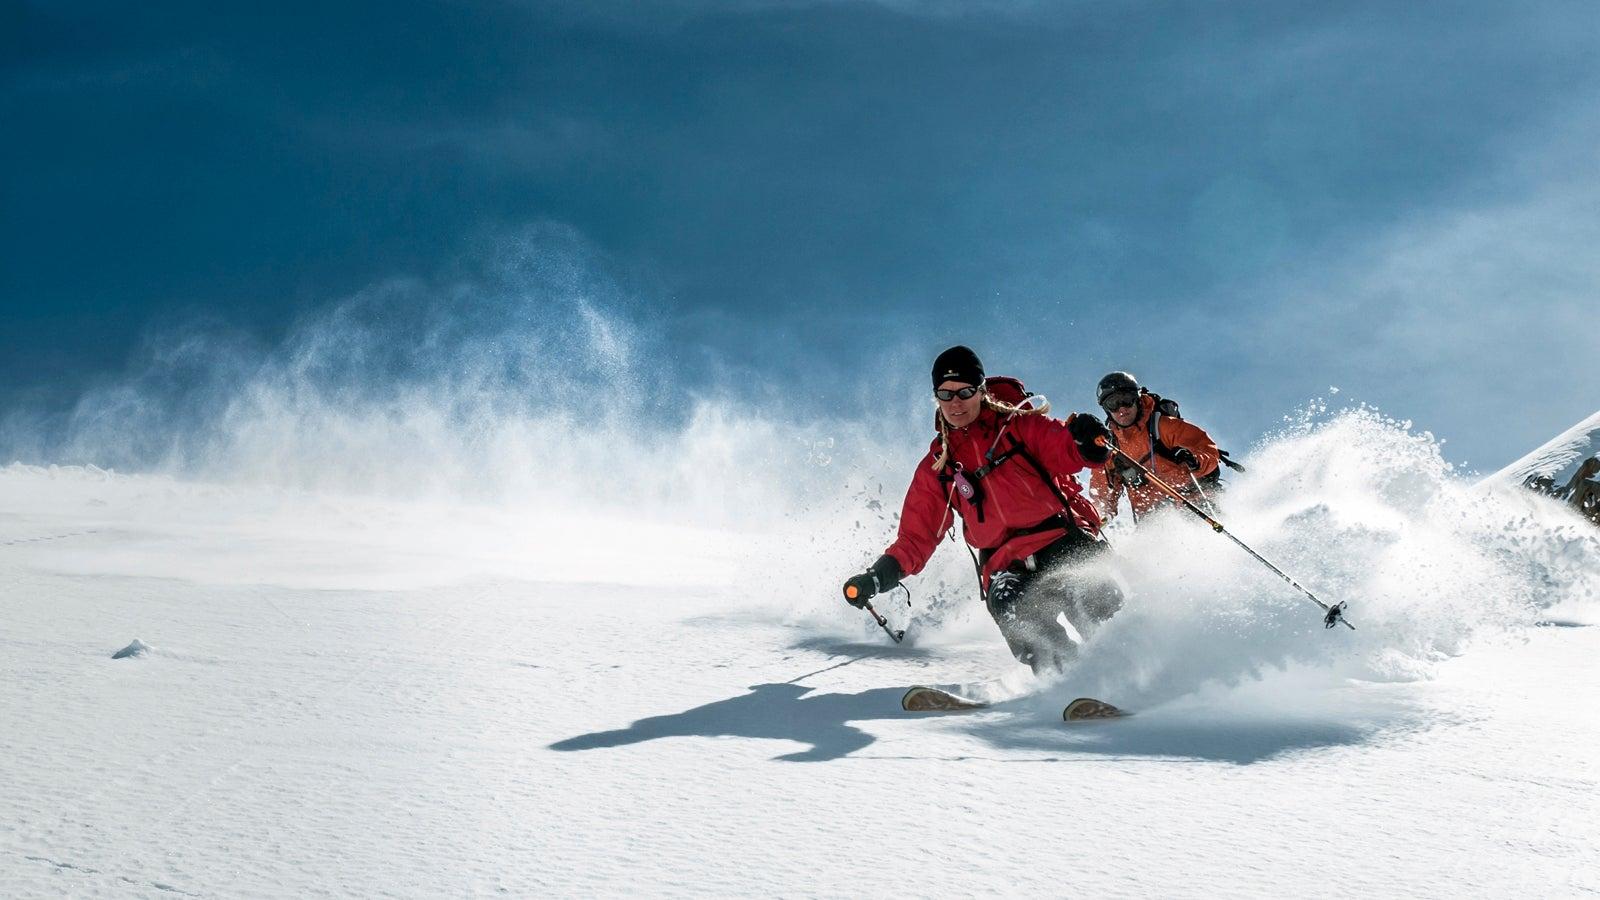 Schweizer Erlebnis-Gletscher: Am Titlis sprudeln die Glückshormone